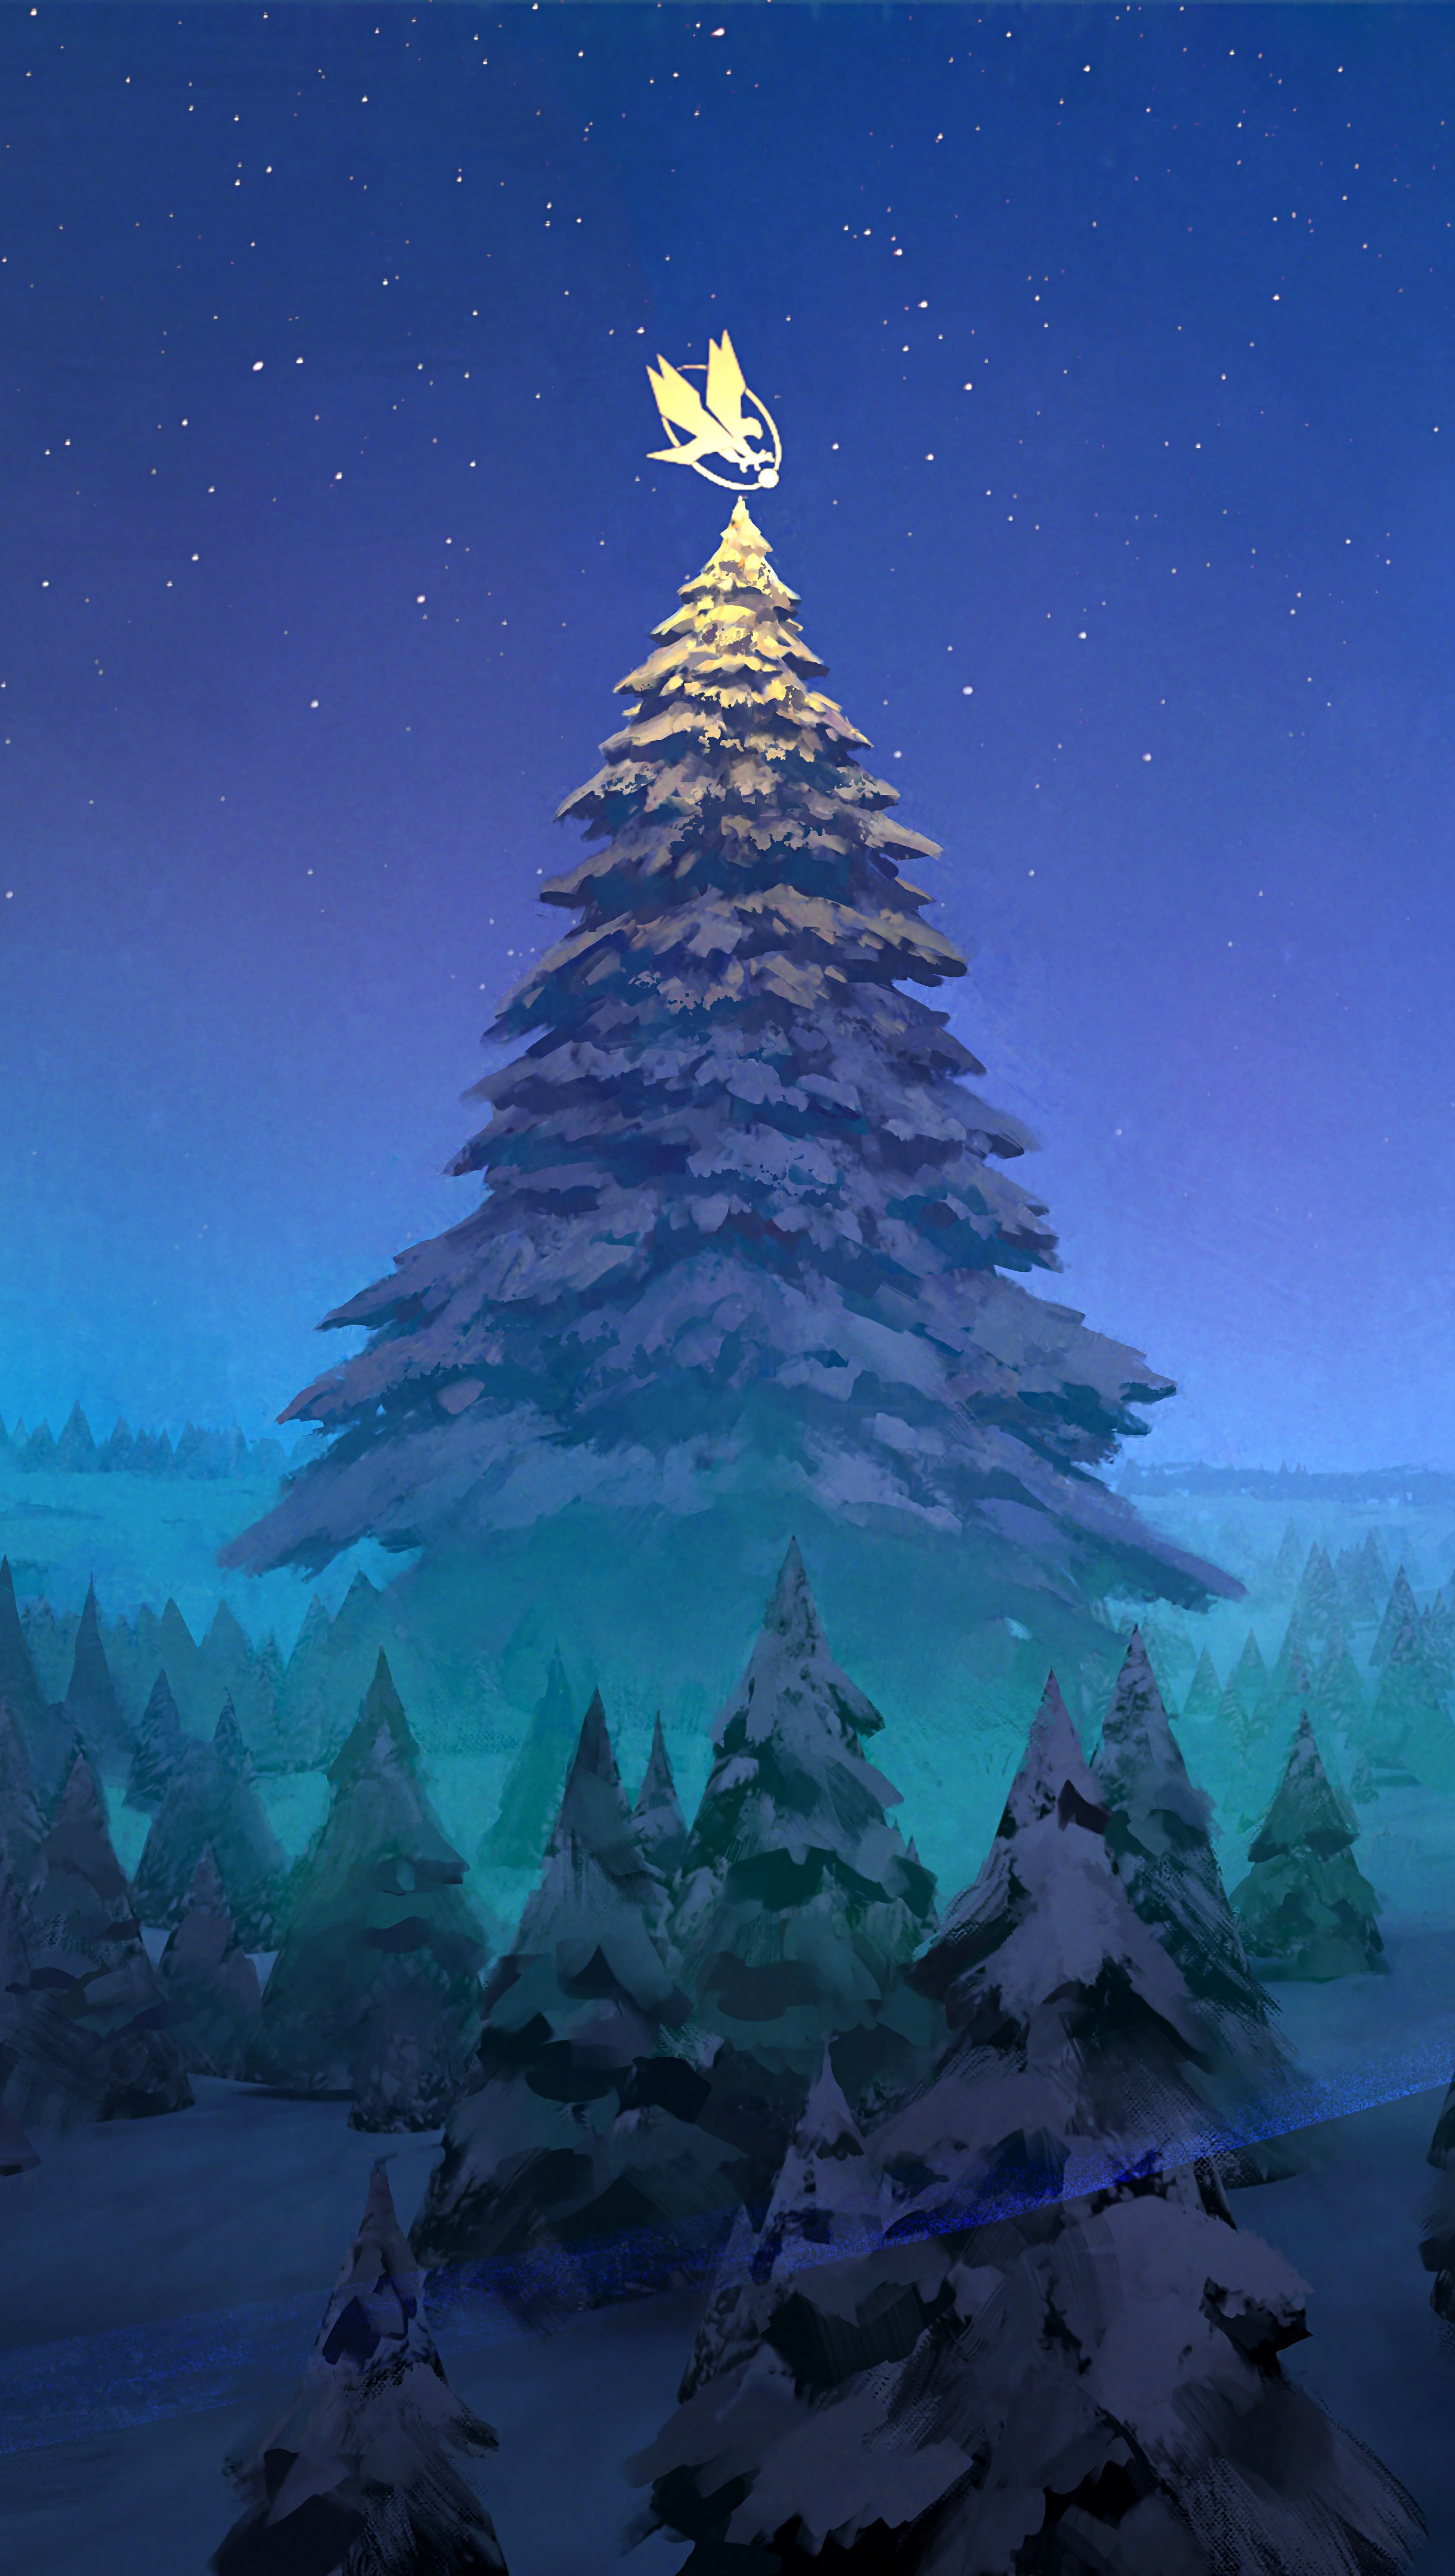 Fondos de pantalla Árbol Navidad con Trineo de Santa Claus Volando Vertical